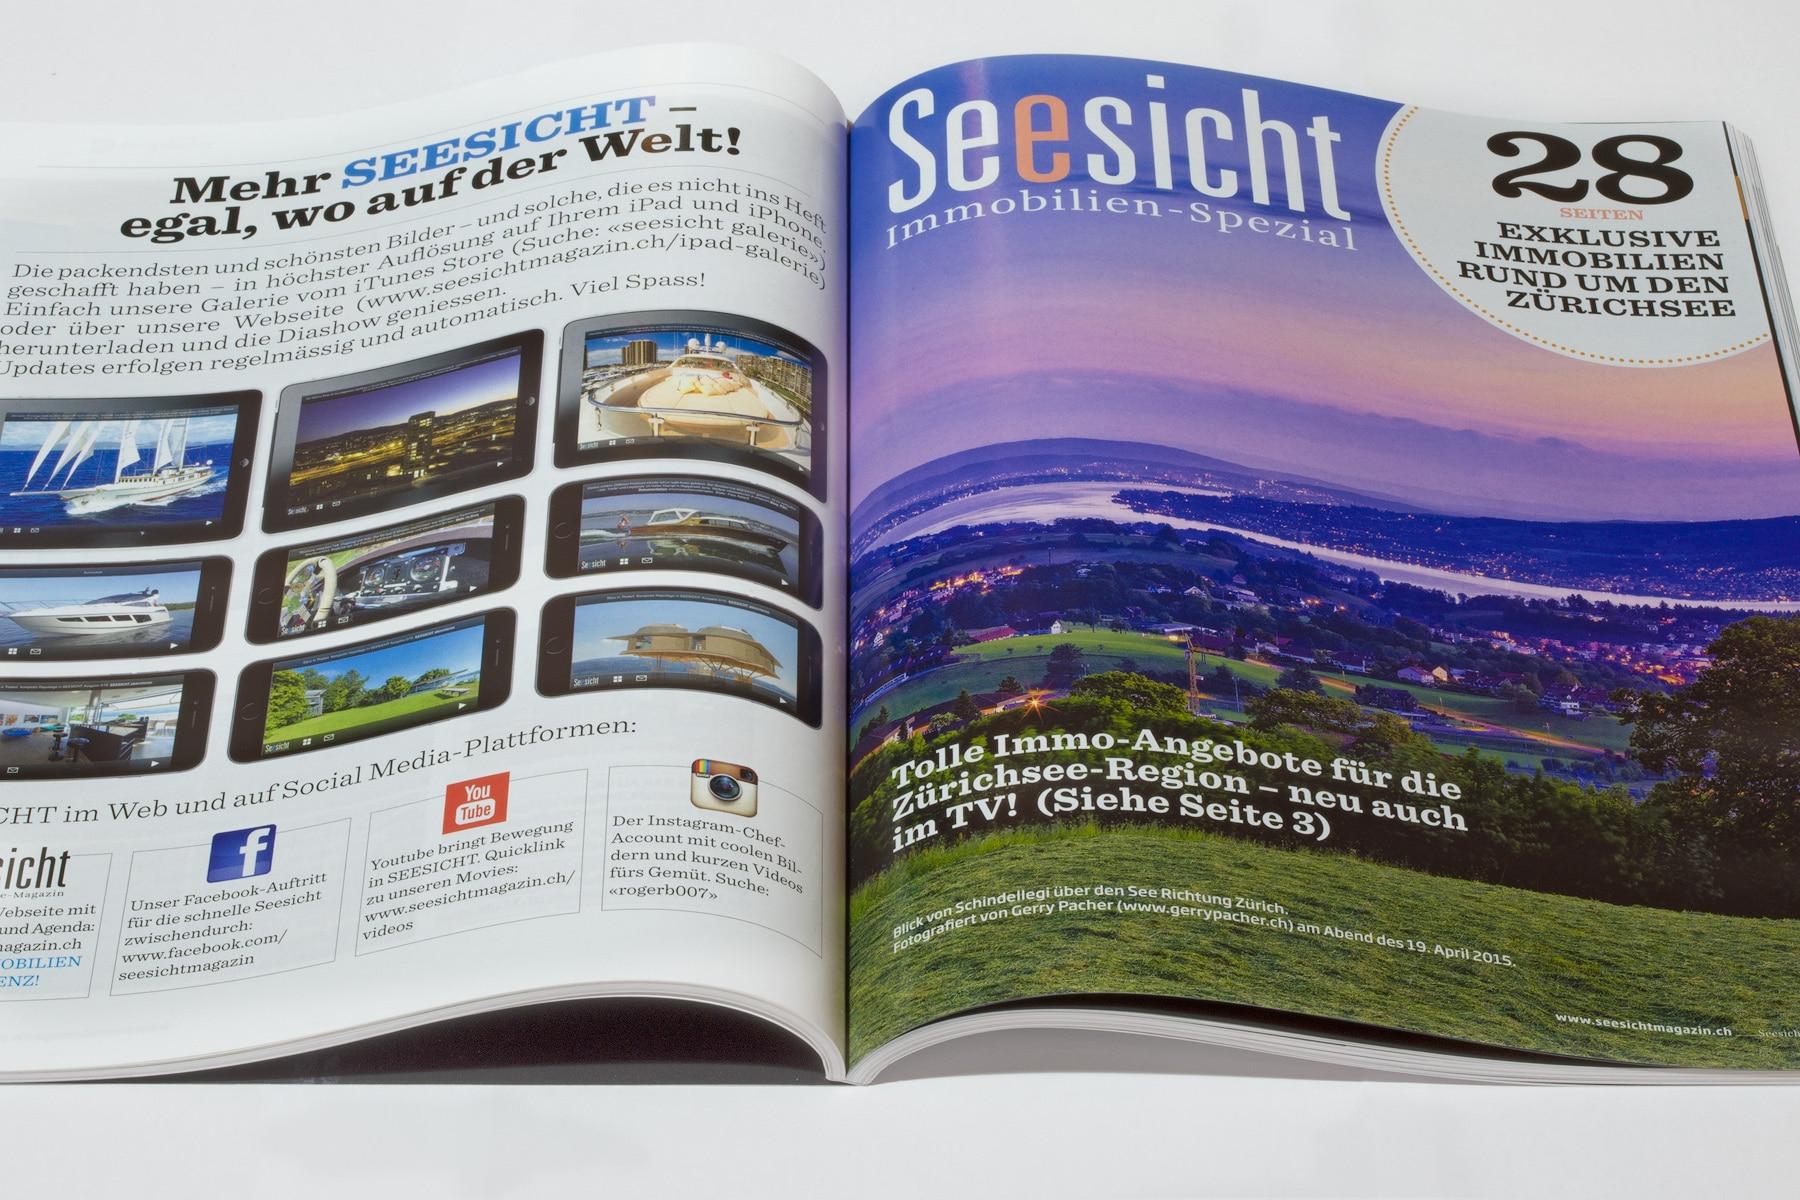 Air-Shots / Gerry Pacher Bilder im Zürichsee-Magazin Seesicht